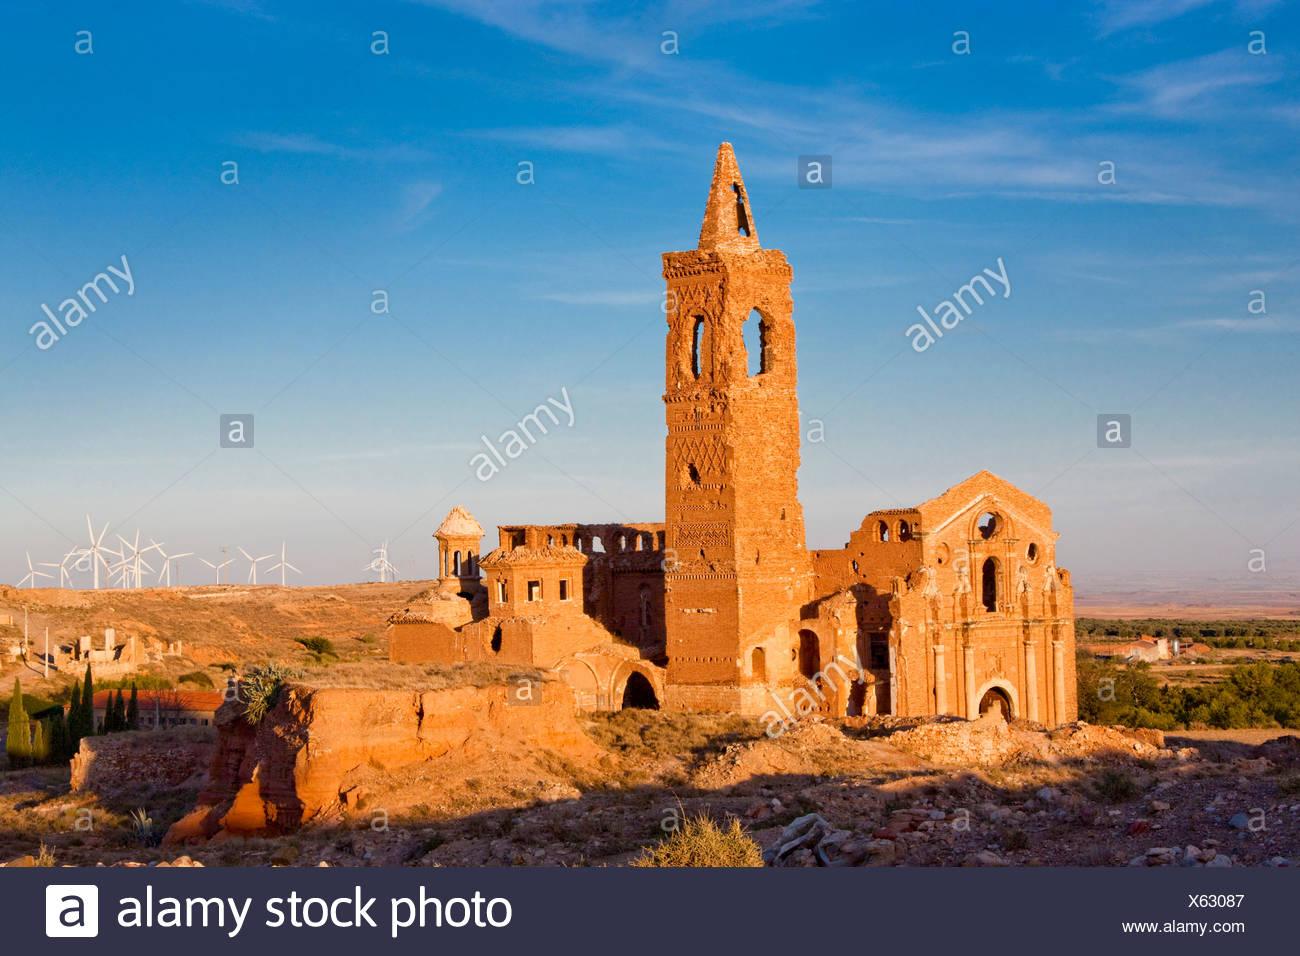 Spagna, Europa, Aragona, fattoria eolica, l'energia eolica, la turbina eolica, energia, Belchite, ecologico, rovine, torre rook, vecchia nuova Immagini Stock